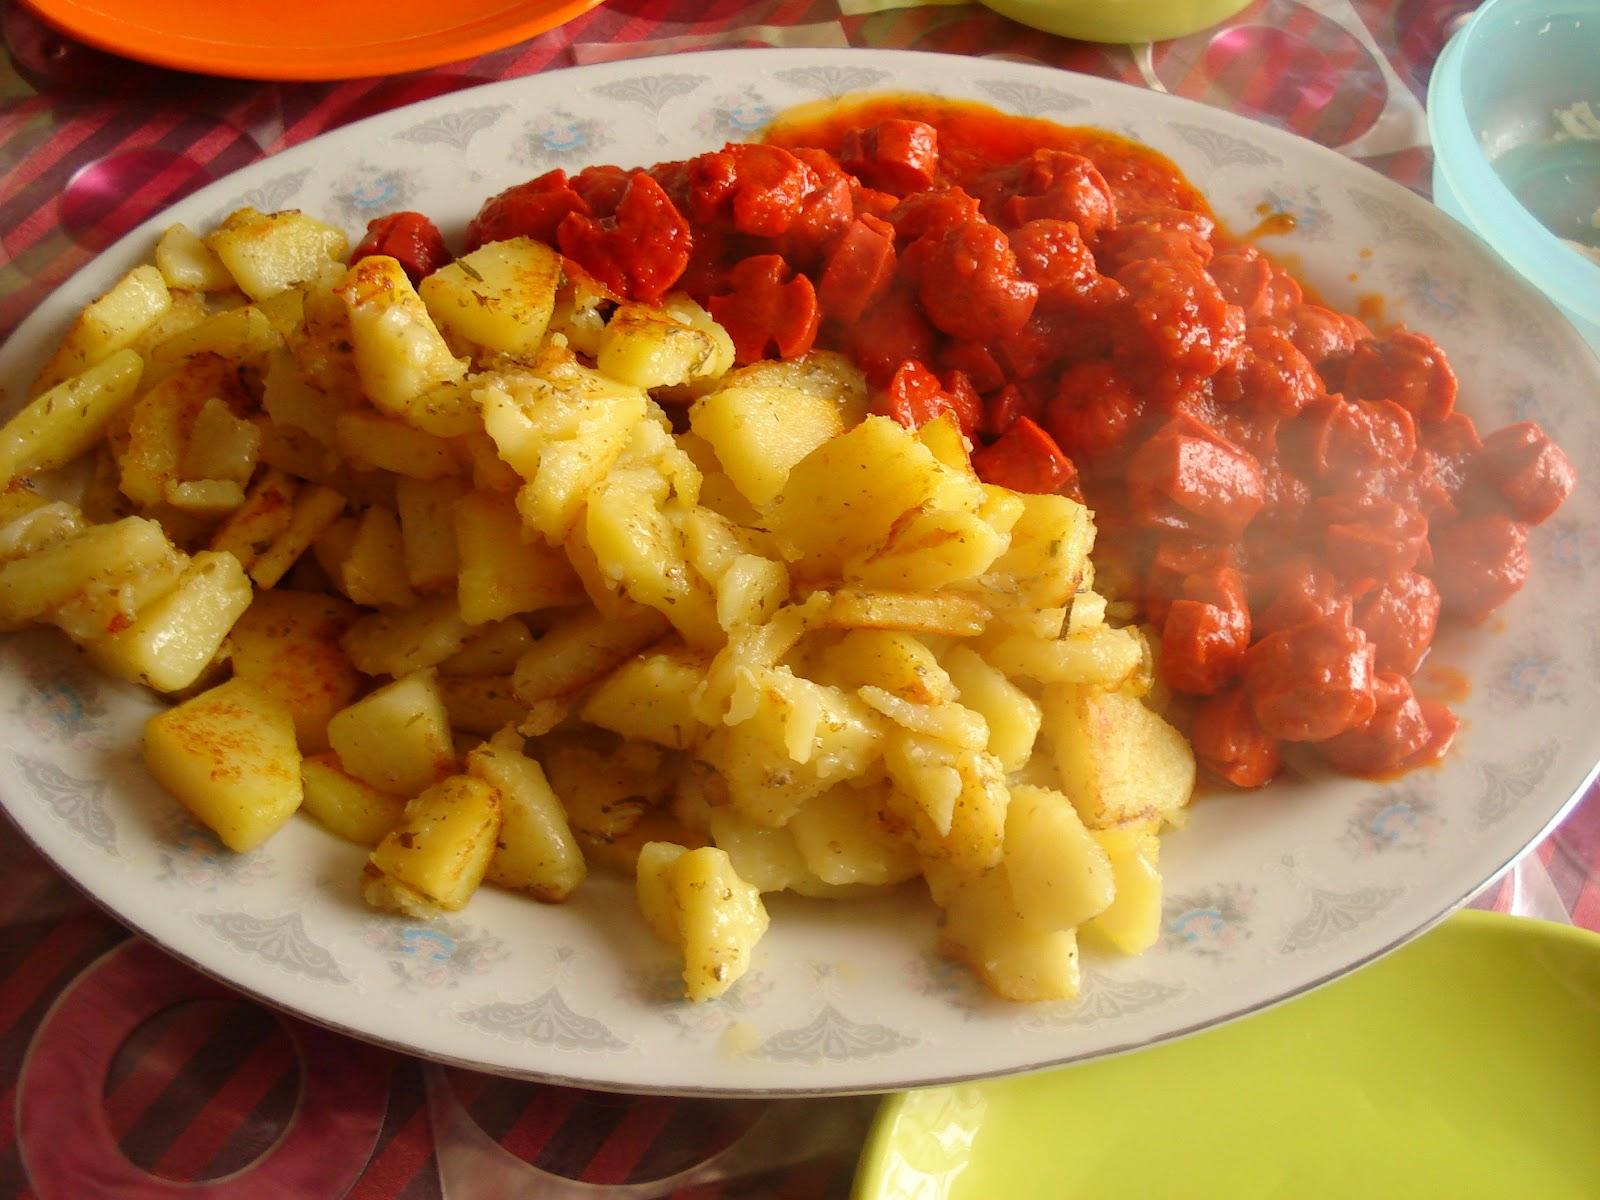 Közlenmiş patlıcan ezmesi ile Etiketlenen Konular 31